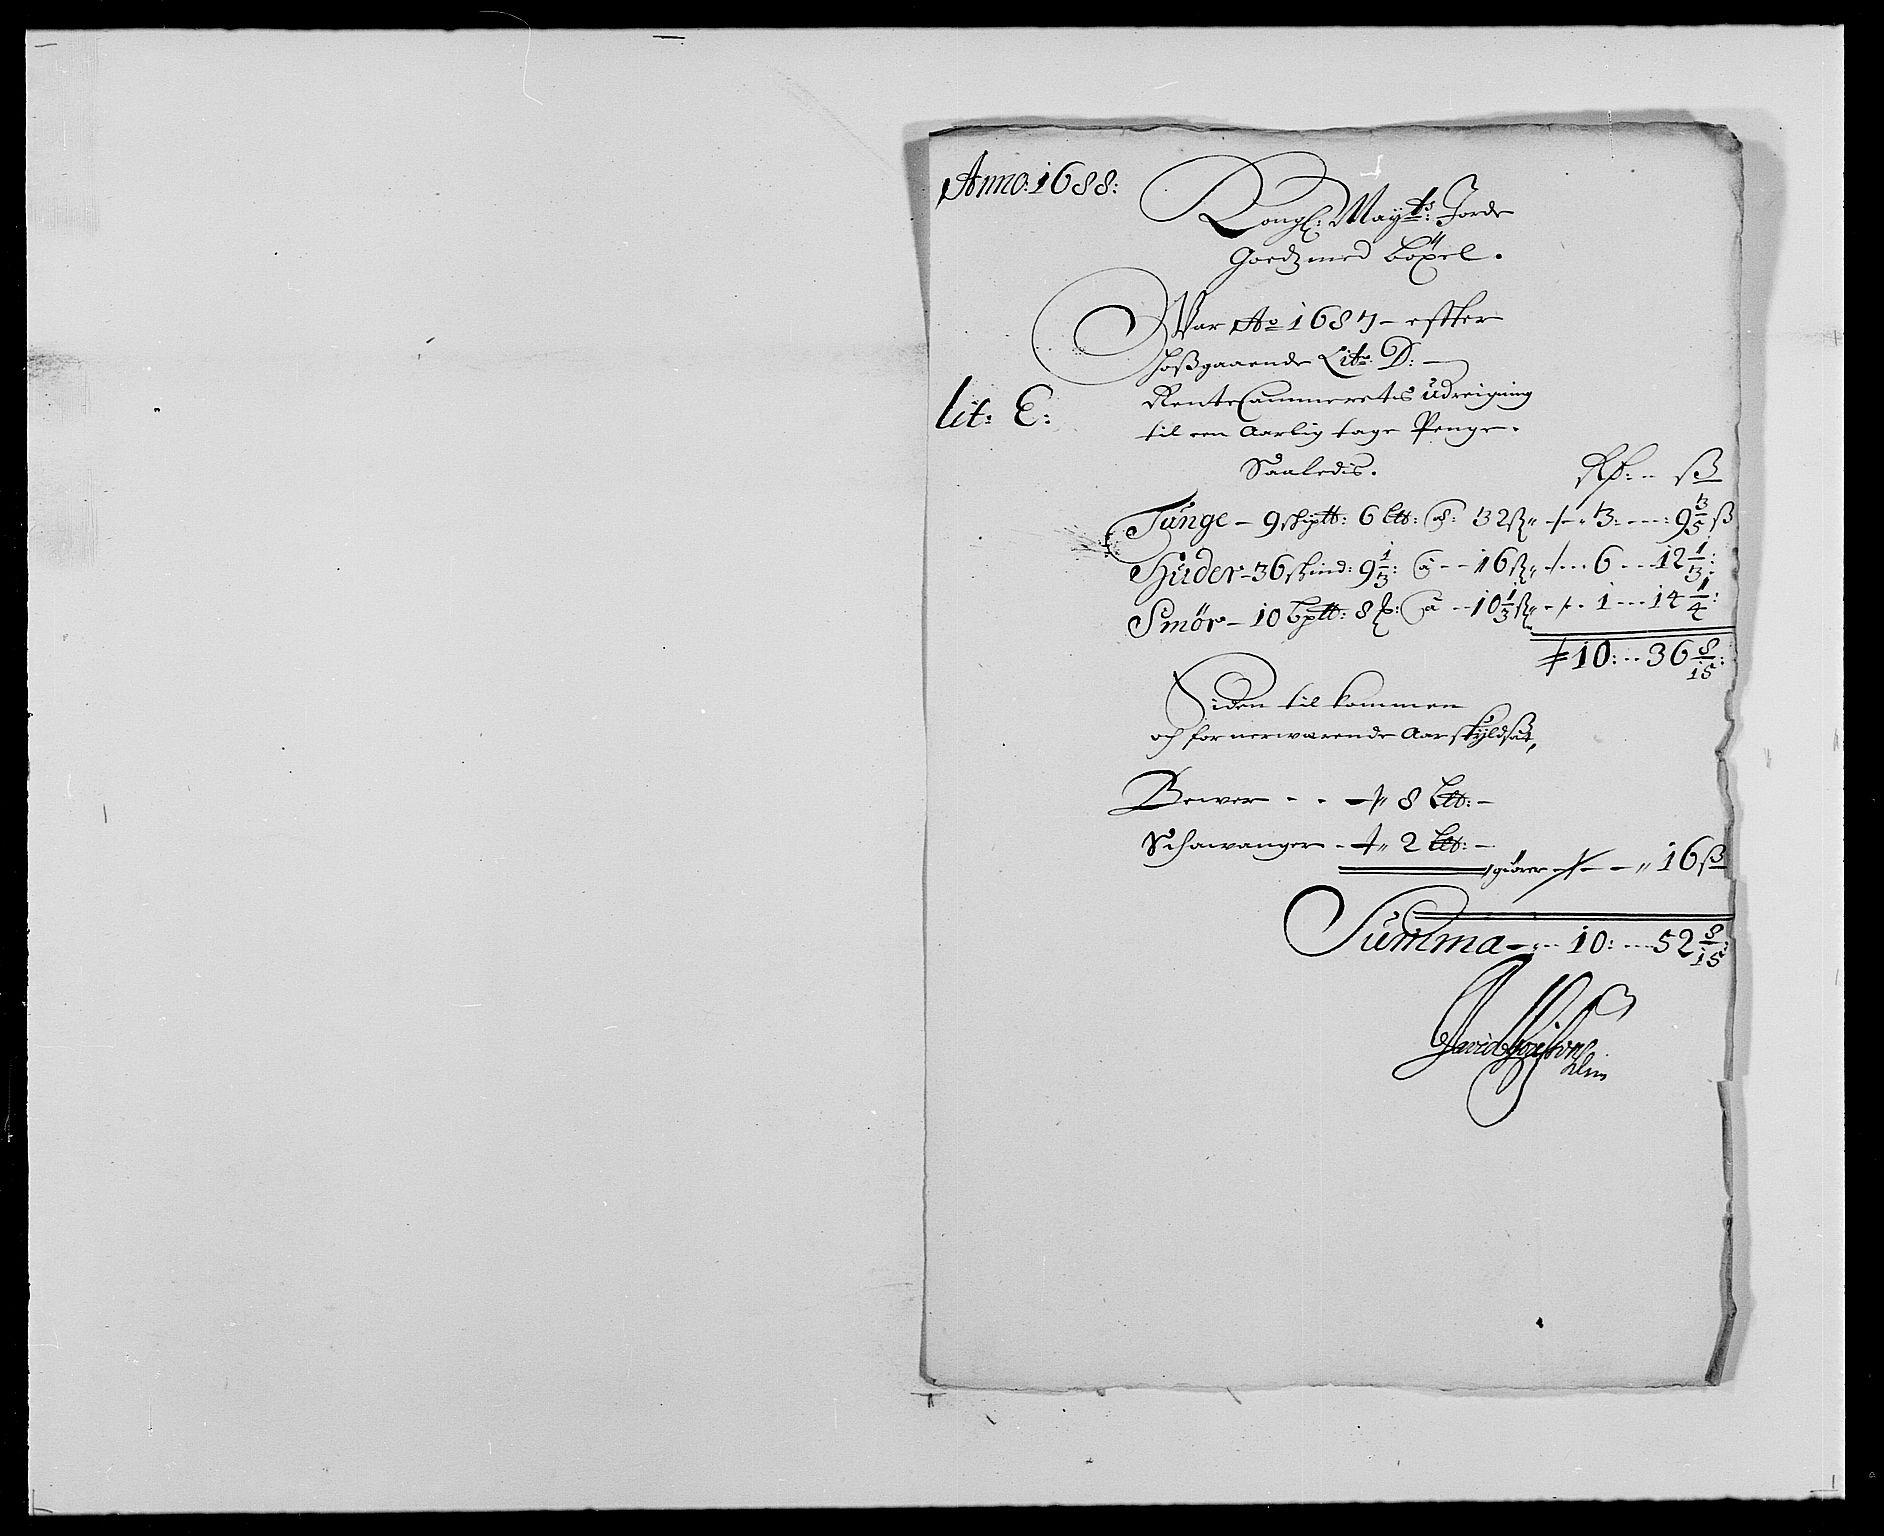 RA, Rentekammeret inntil 1814, Reviderte regnskaper, Fogderegnskap, R24/L1573: Fogderegnskap Numedal og Sandsvær, 1687-1691, s. 291